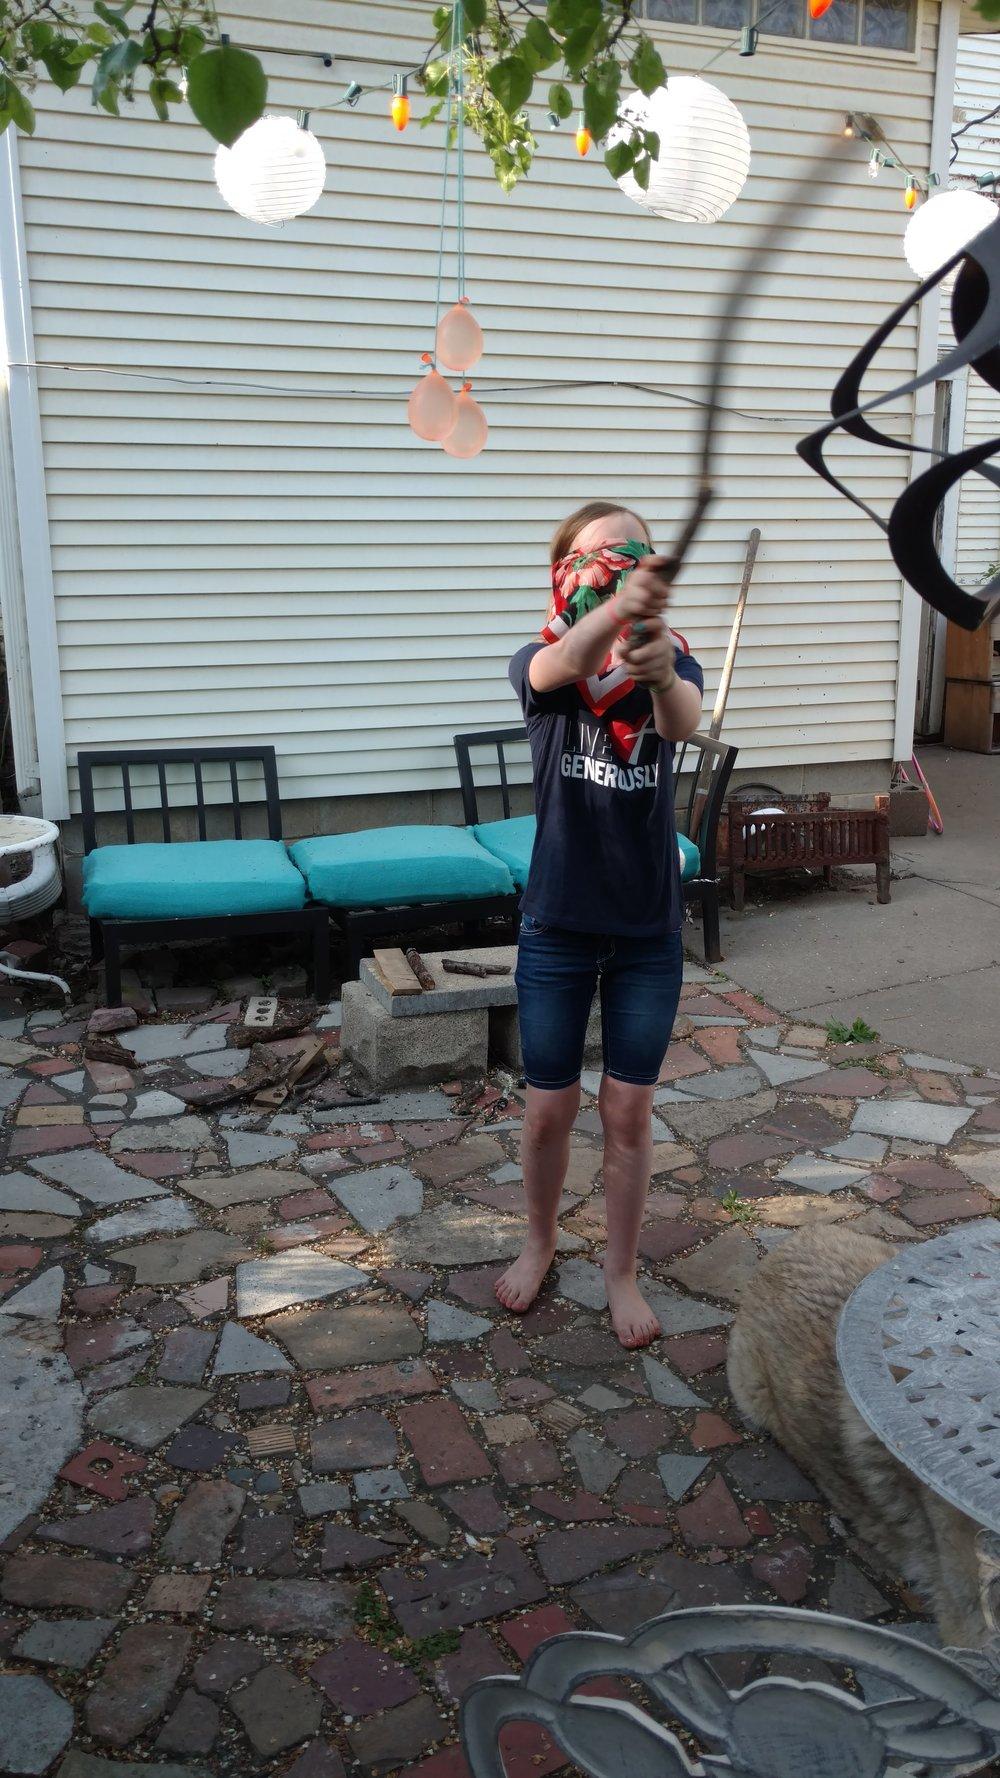 Olivia takes a turn swinging at the water balloon pinata.